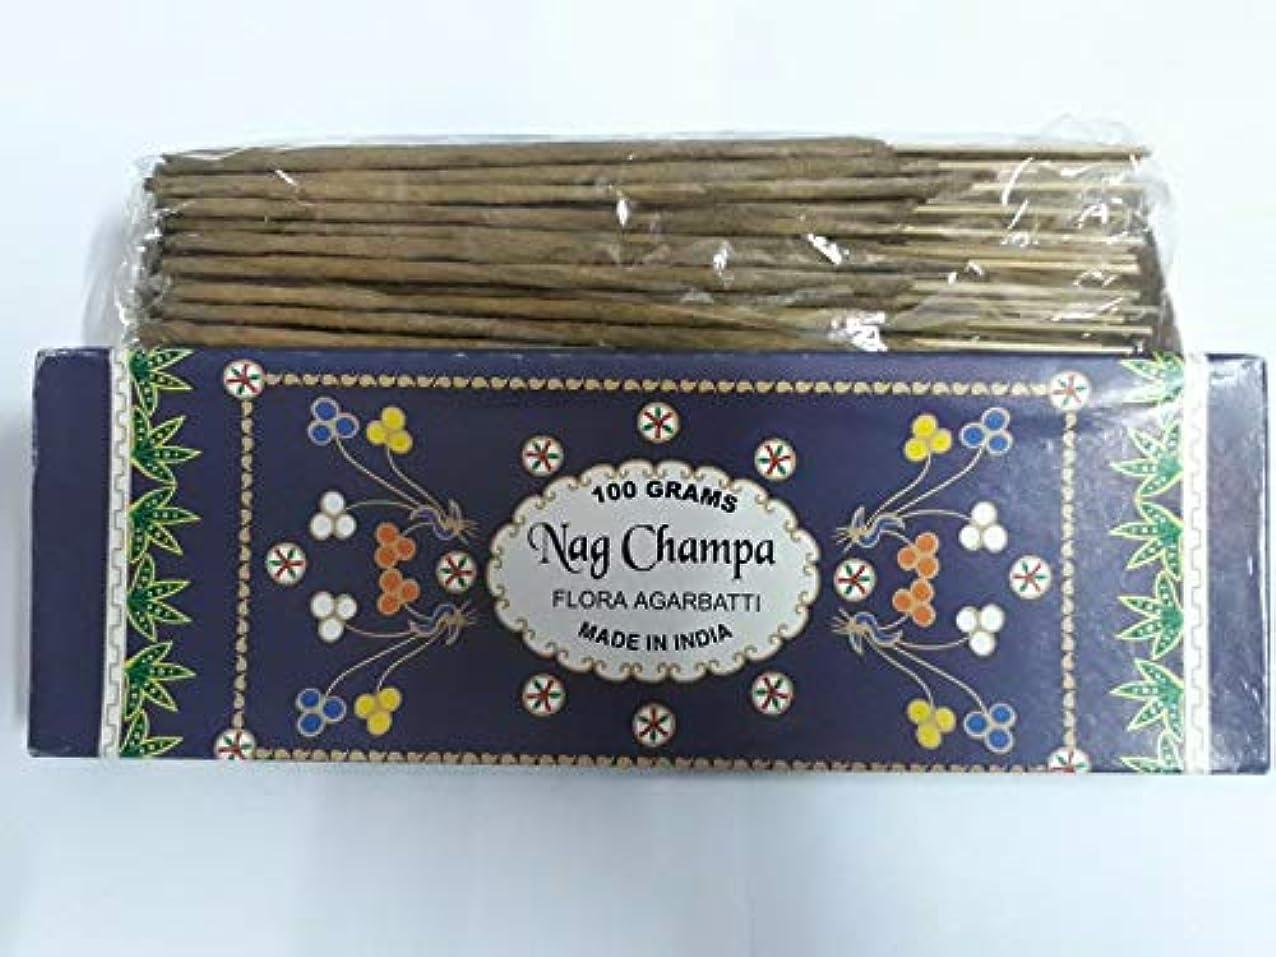 チーム解明する心理的Nag Champa ナグチャンパ Agarbatti Incense Sticks 線香 100 grams Flora Agarbatti フローラ線香